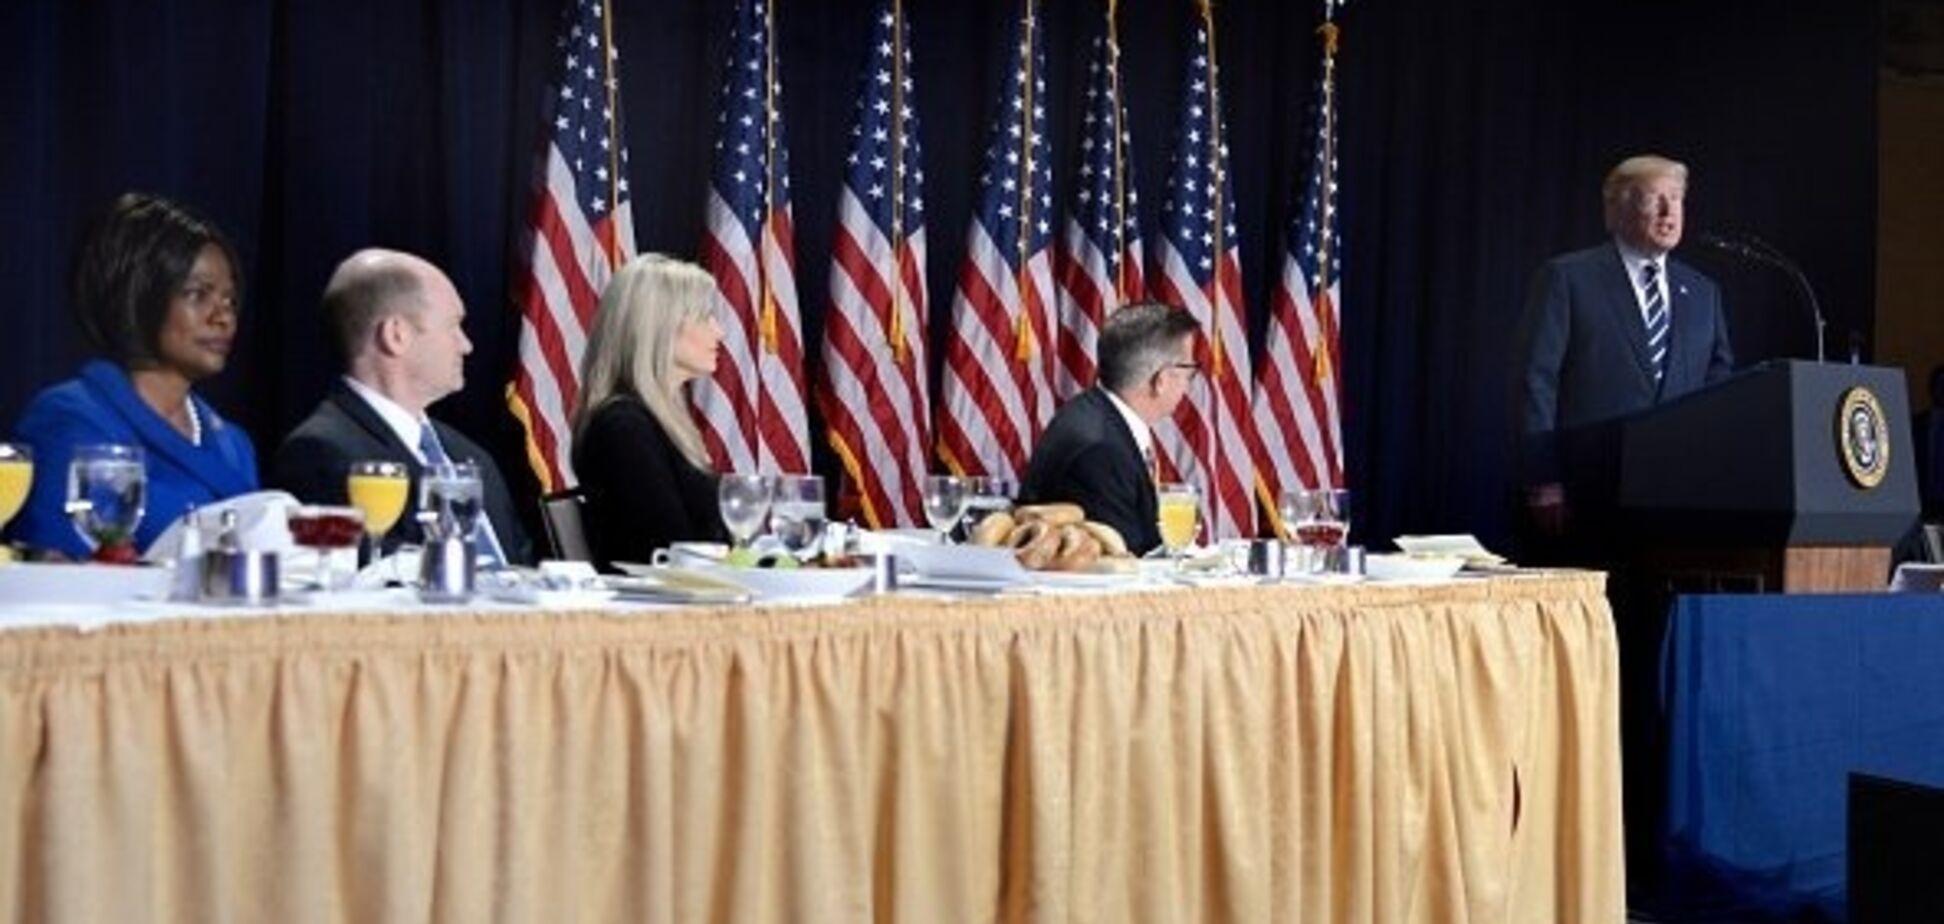 Молитвенный завтрак с Трампом 2020: Белый дом пригласил самого молодого участника из Украины за всю историю